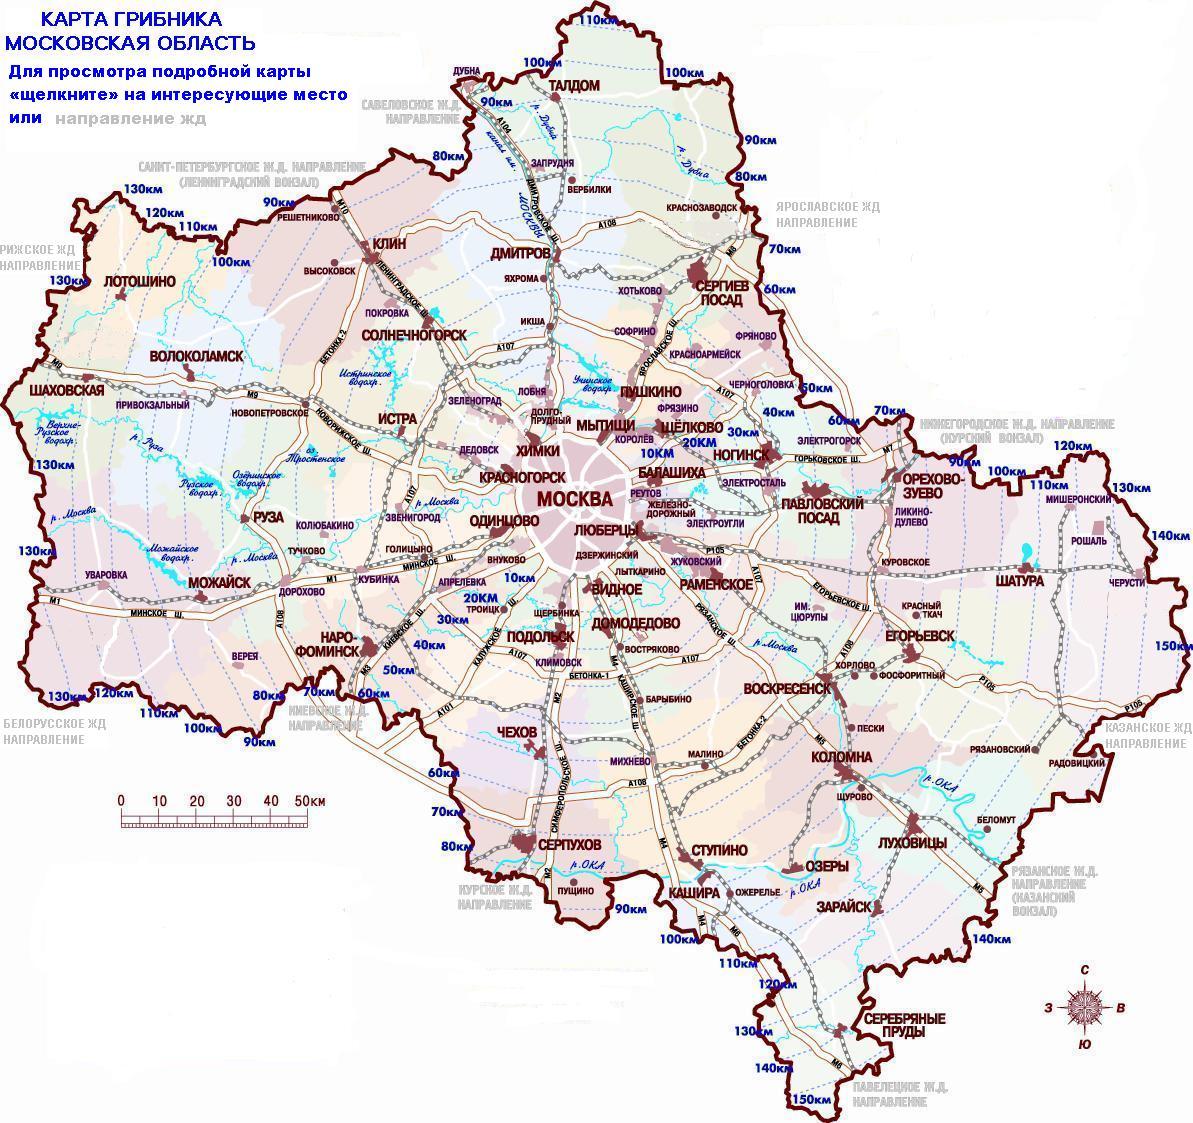 Проститутки оплата по карте 16 фотография